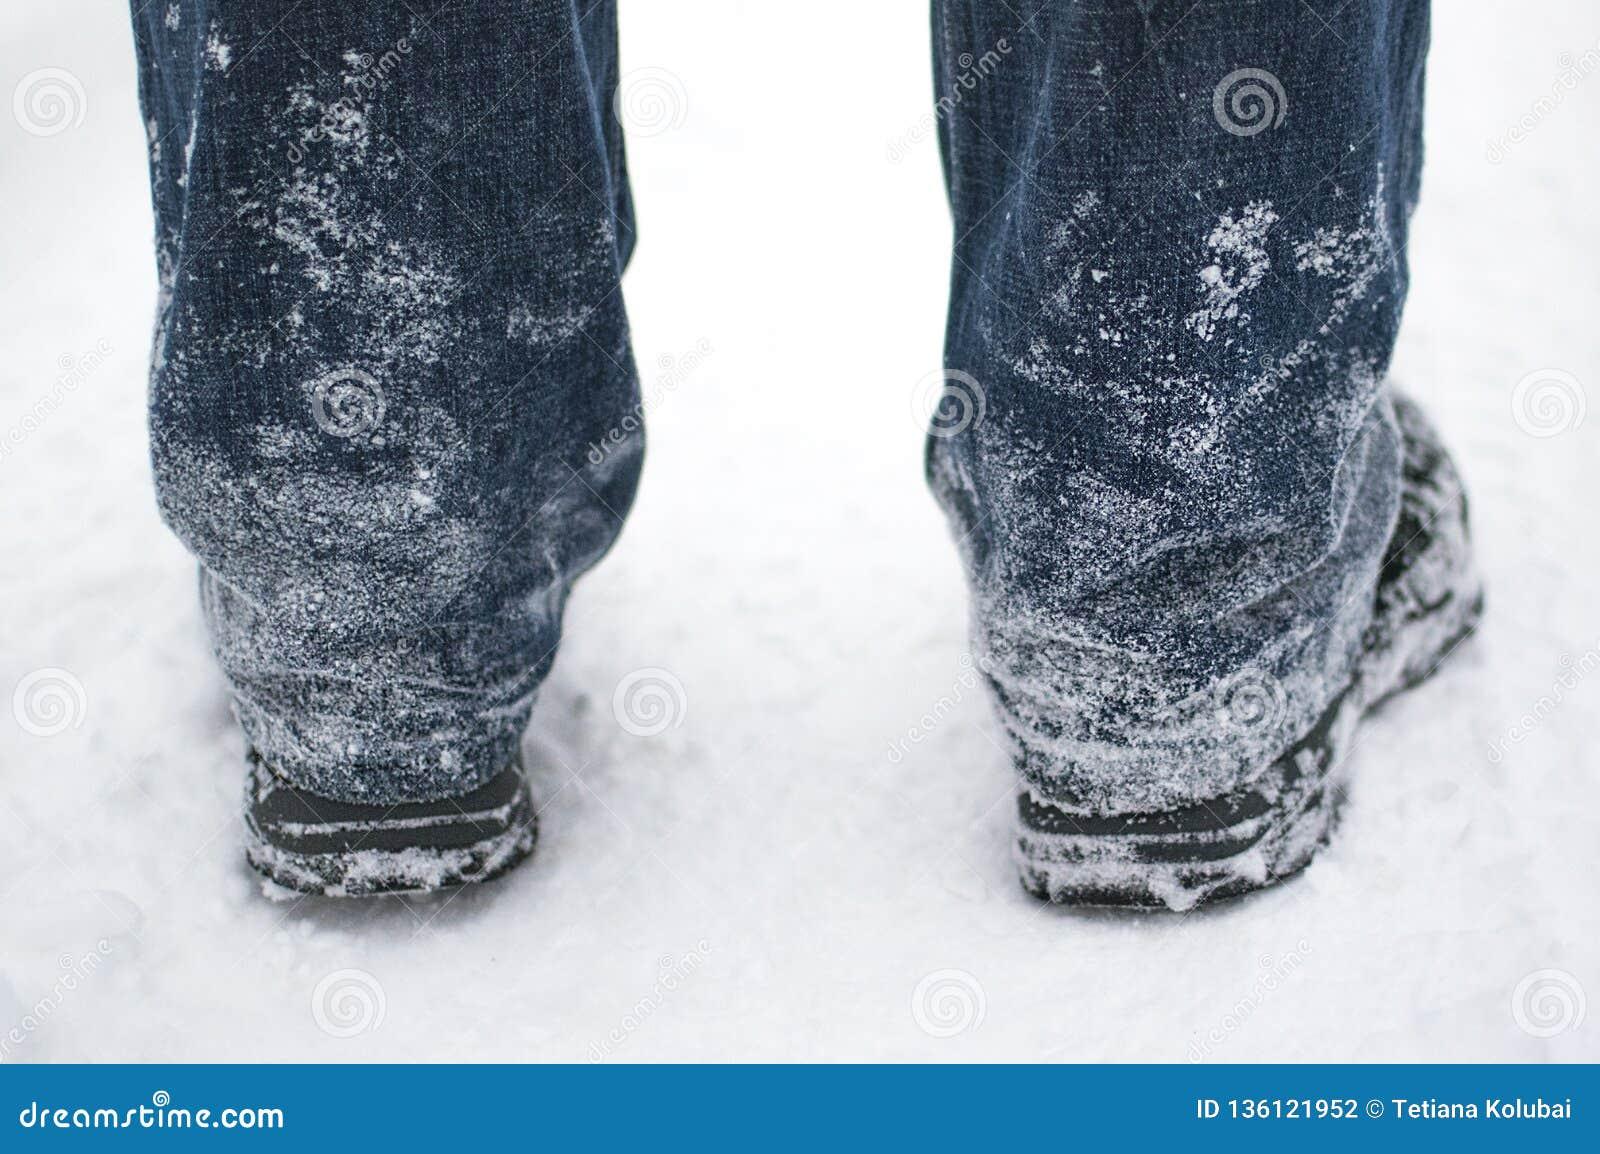 Neige congelée sur des jeans et des bottes noires d un homme en hiver, vue arrière